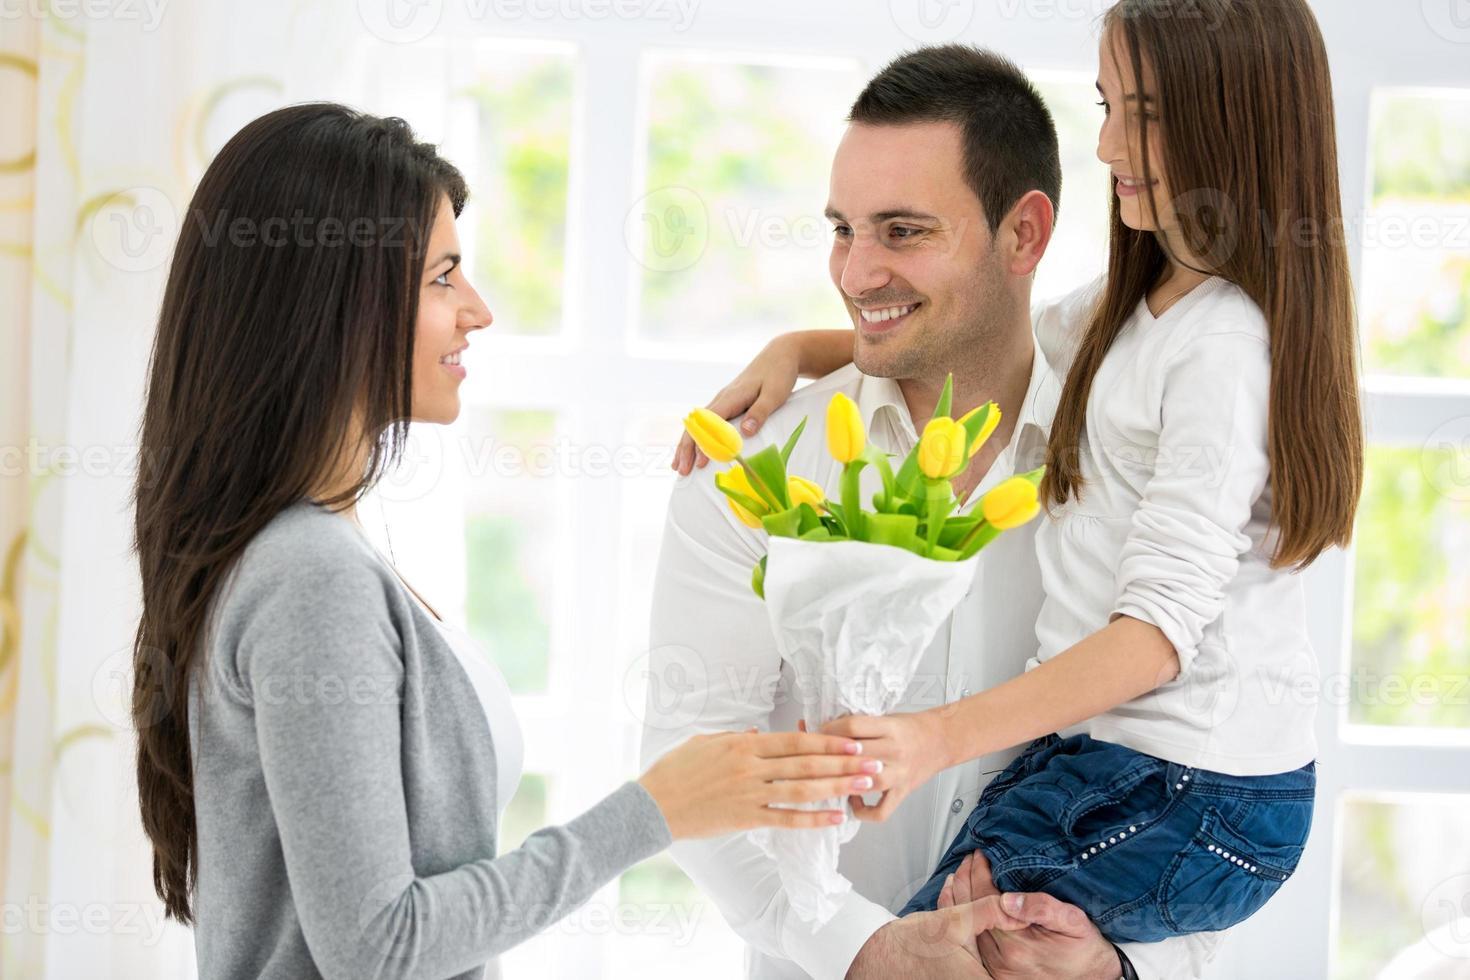 familia feliz el día de la madre foto